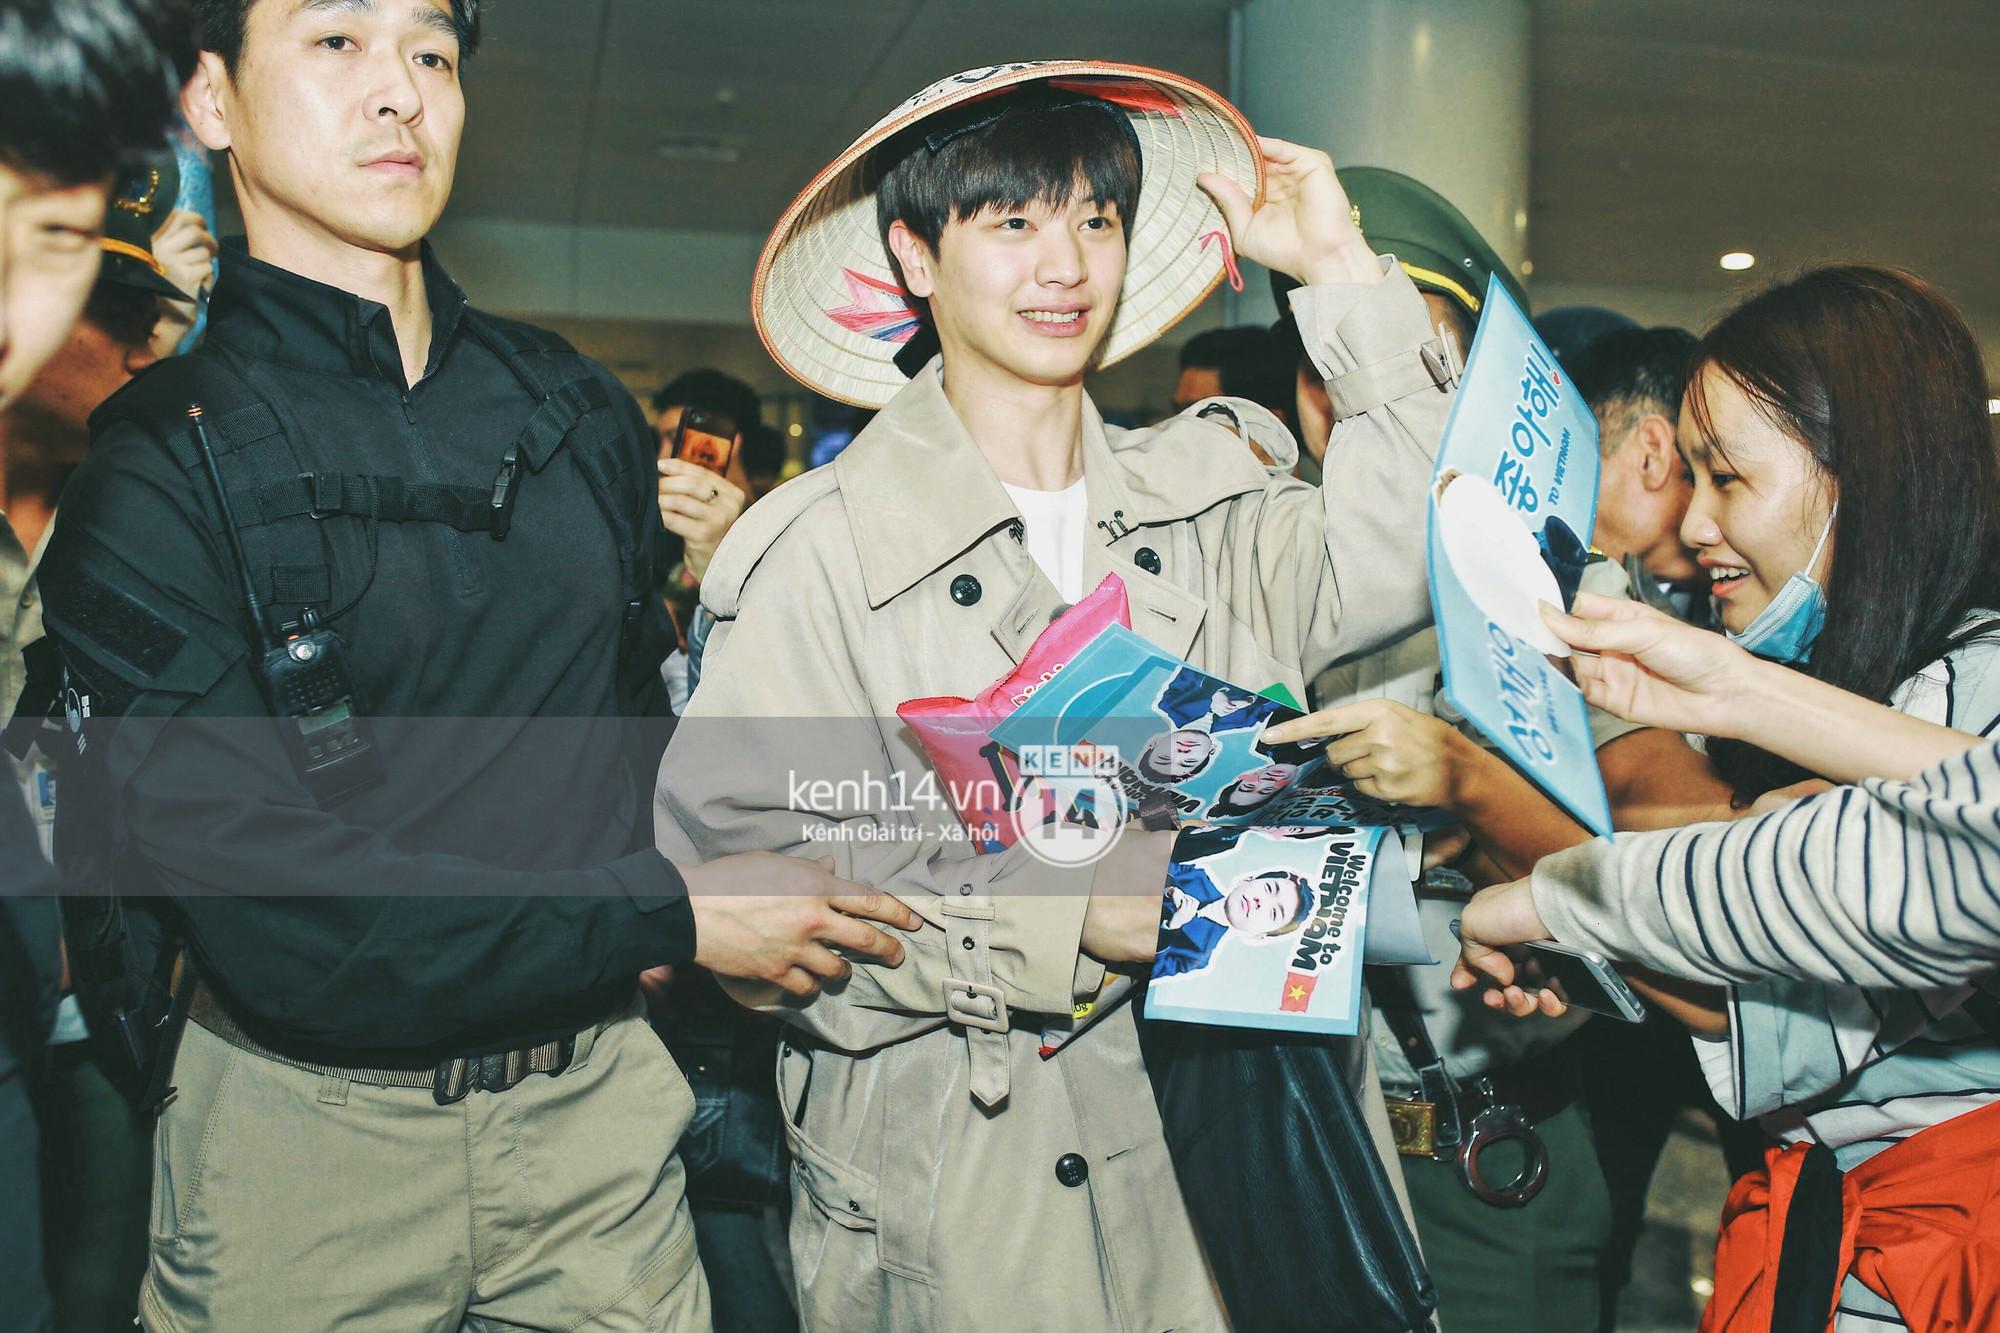 Ngộ Không Lee Seung Gi tươi rói nhận hoa, Yook Sung Jae điển trai giữa đám đông fan phấn khích tại sân bay Nội Bài - Ảnh 7.